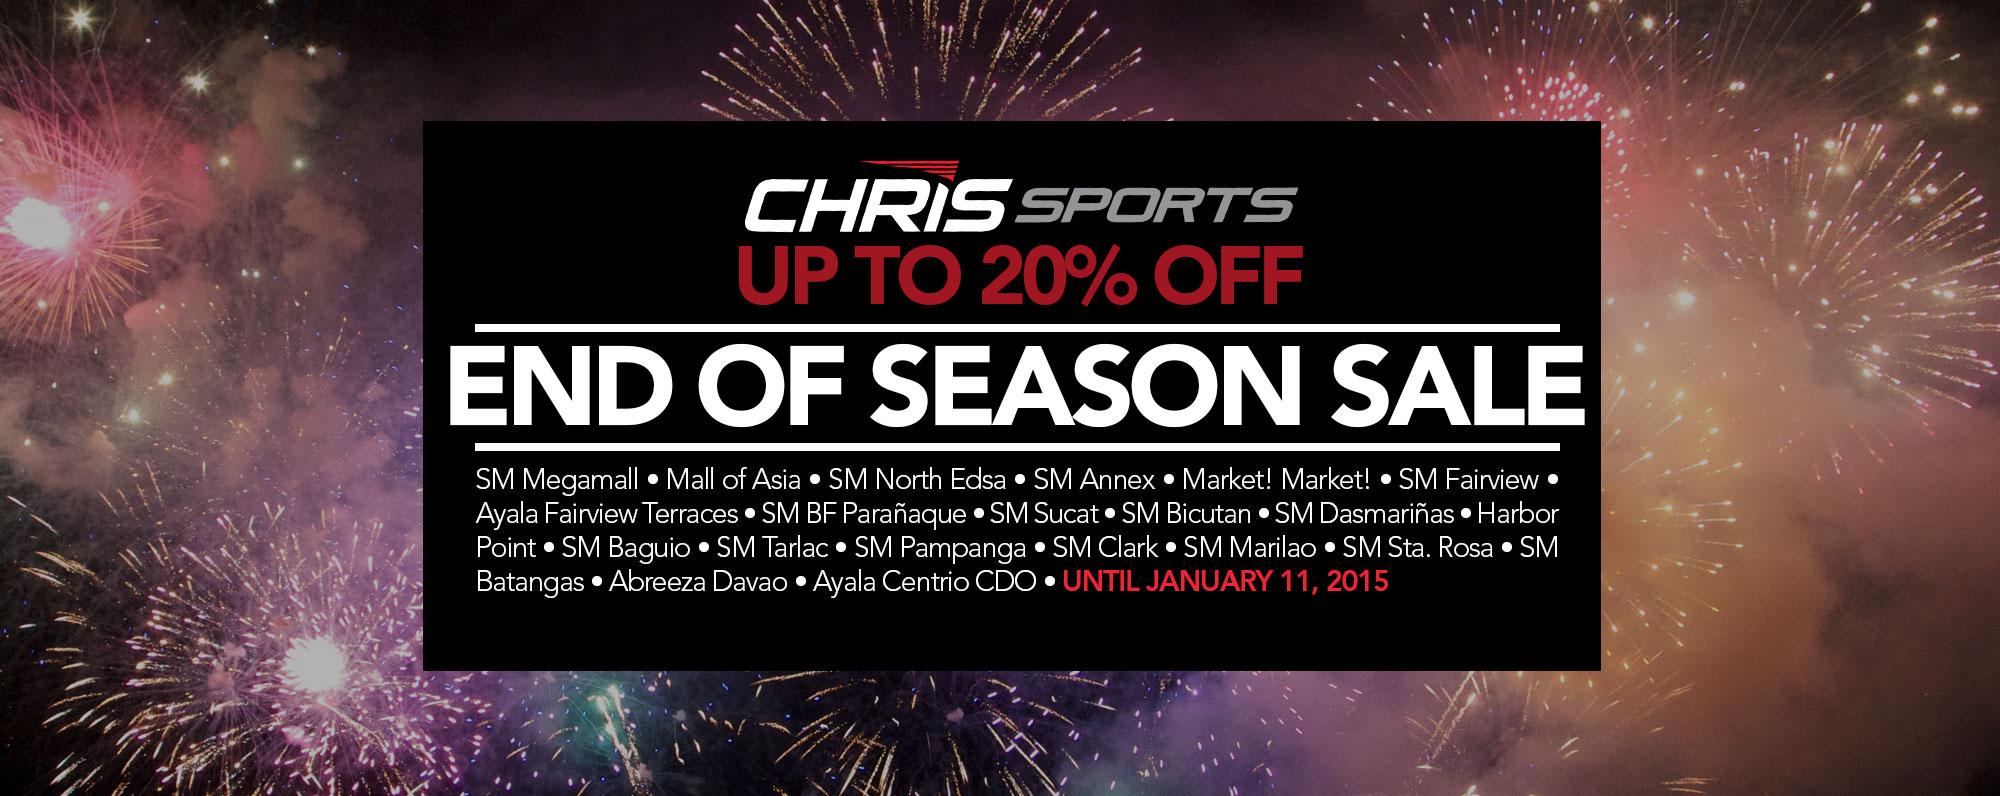 Chris Sports End of Season Sale January 2015